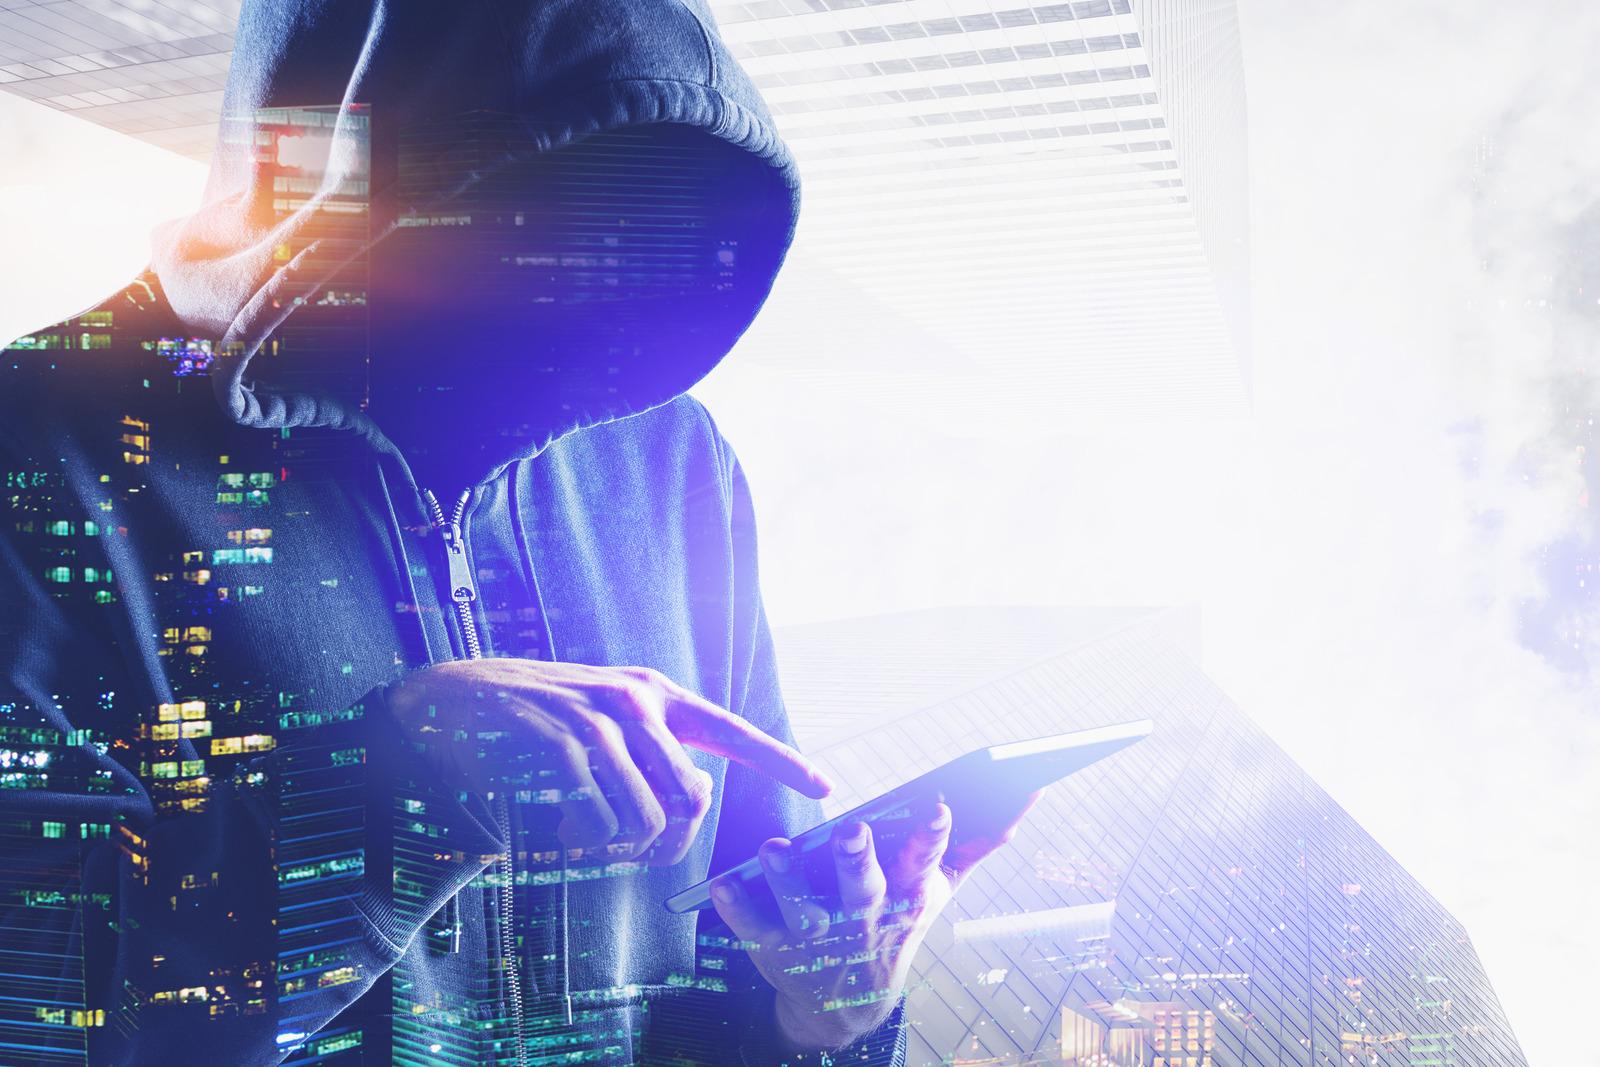 So schützen Sie sich vor Cyberattacken – Ihre Daten im Visier   6 Tipps